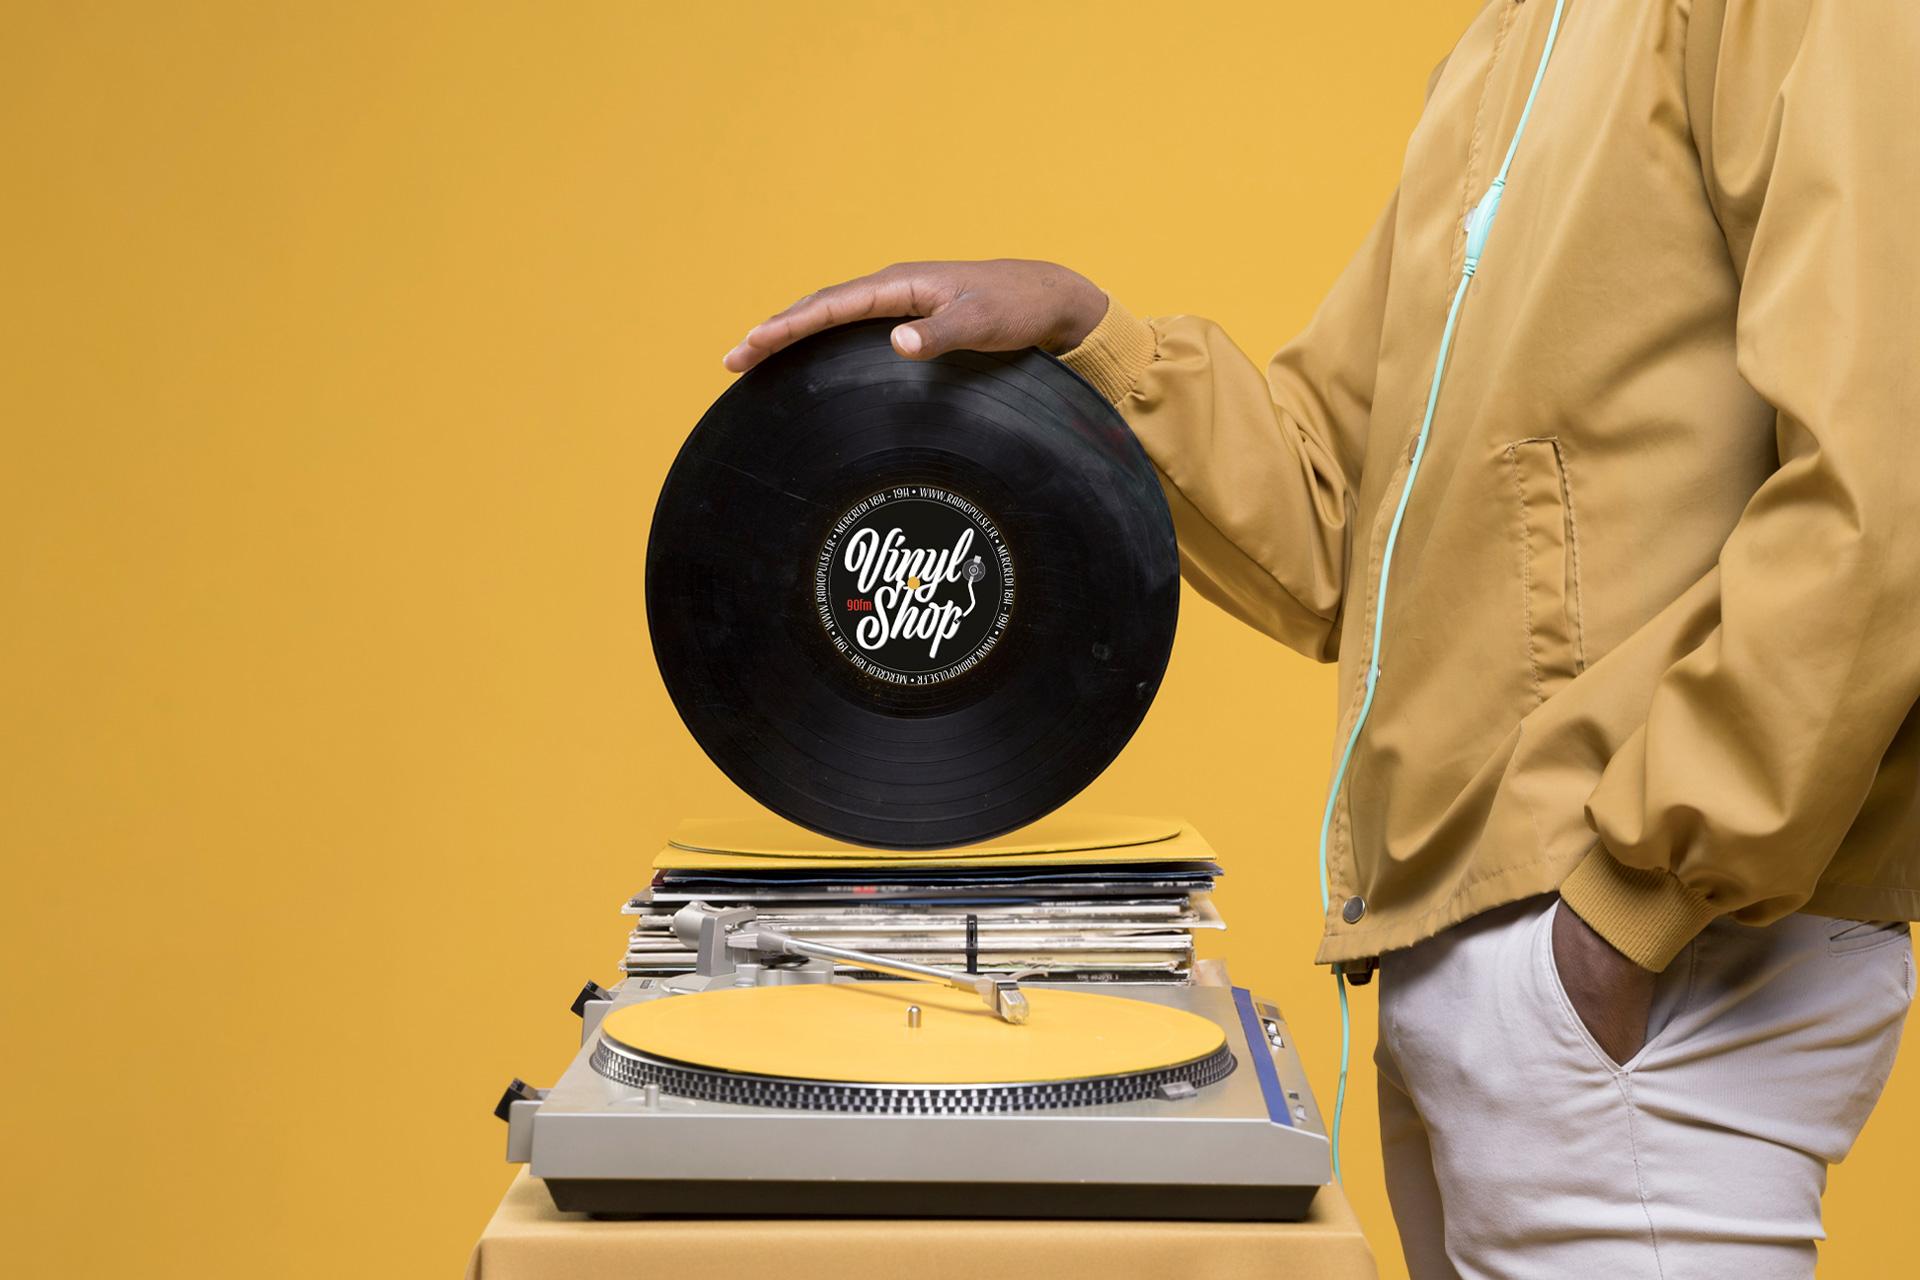 Vinyl Shop - Création d'un logo